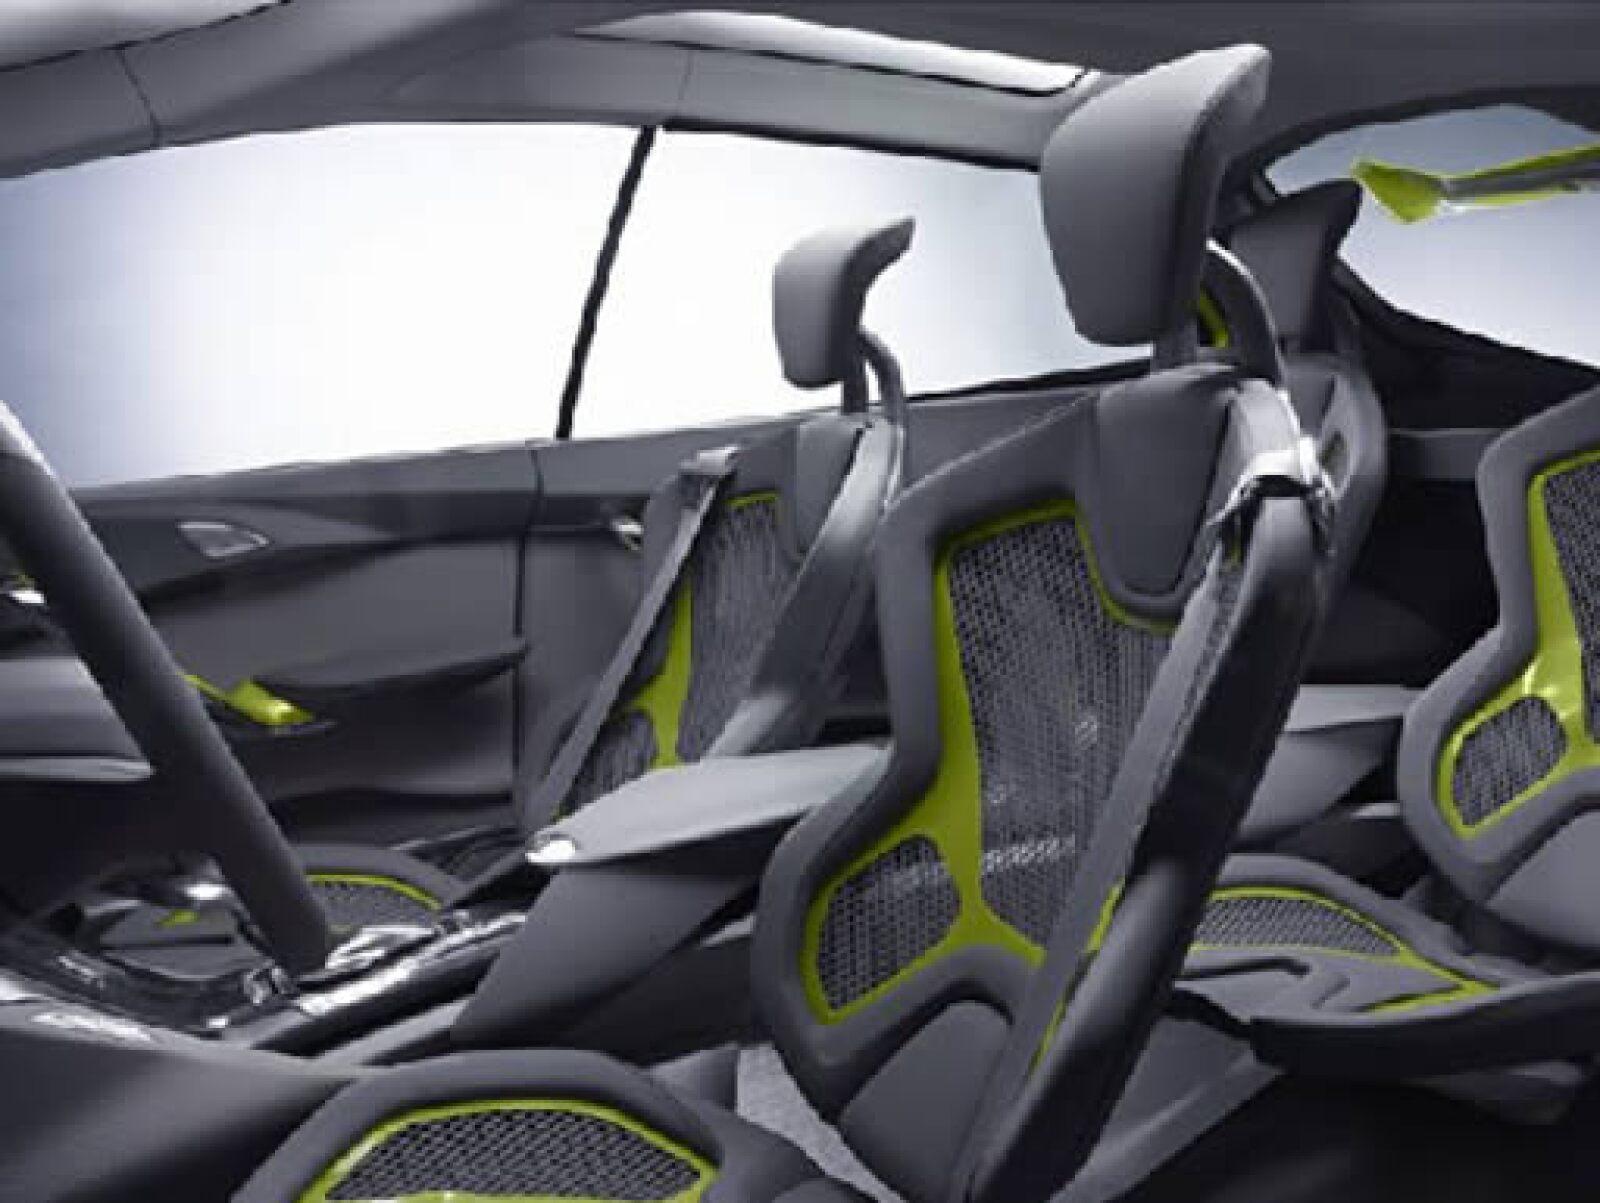 El interior pretende conjuntar la comodidad, estética y futurismo.